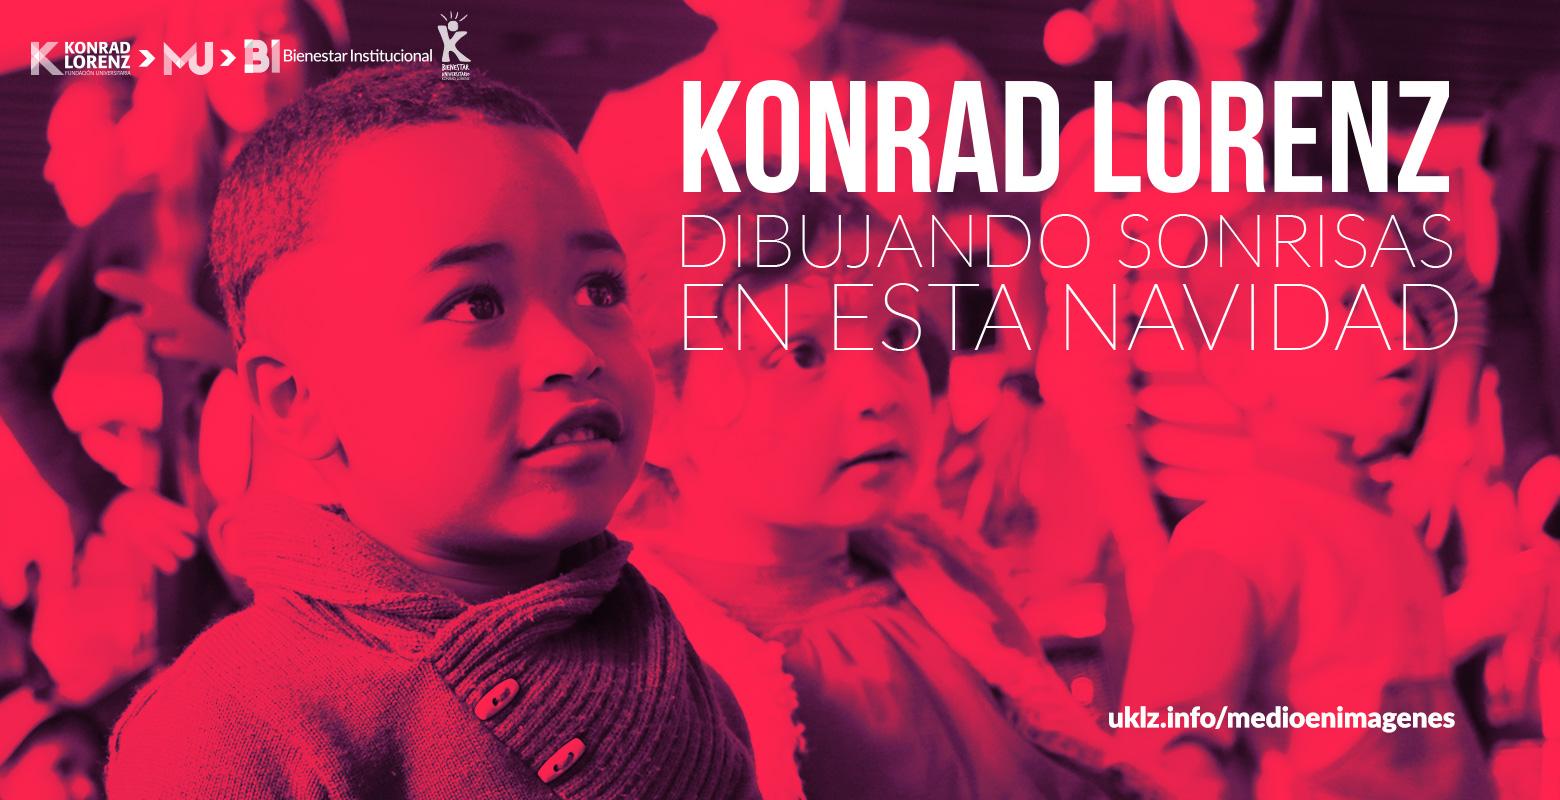 Konrad Lorenz dibujando sonrisas en esta navidad